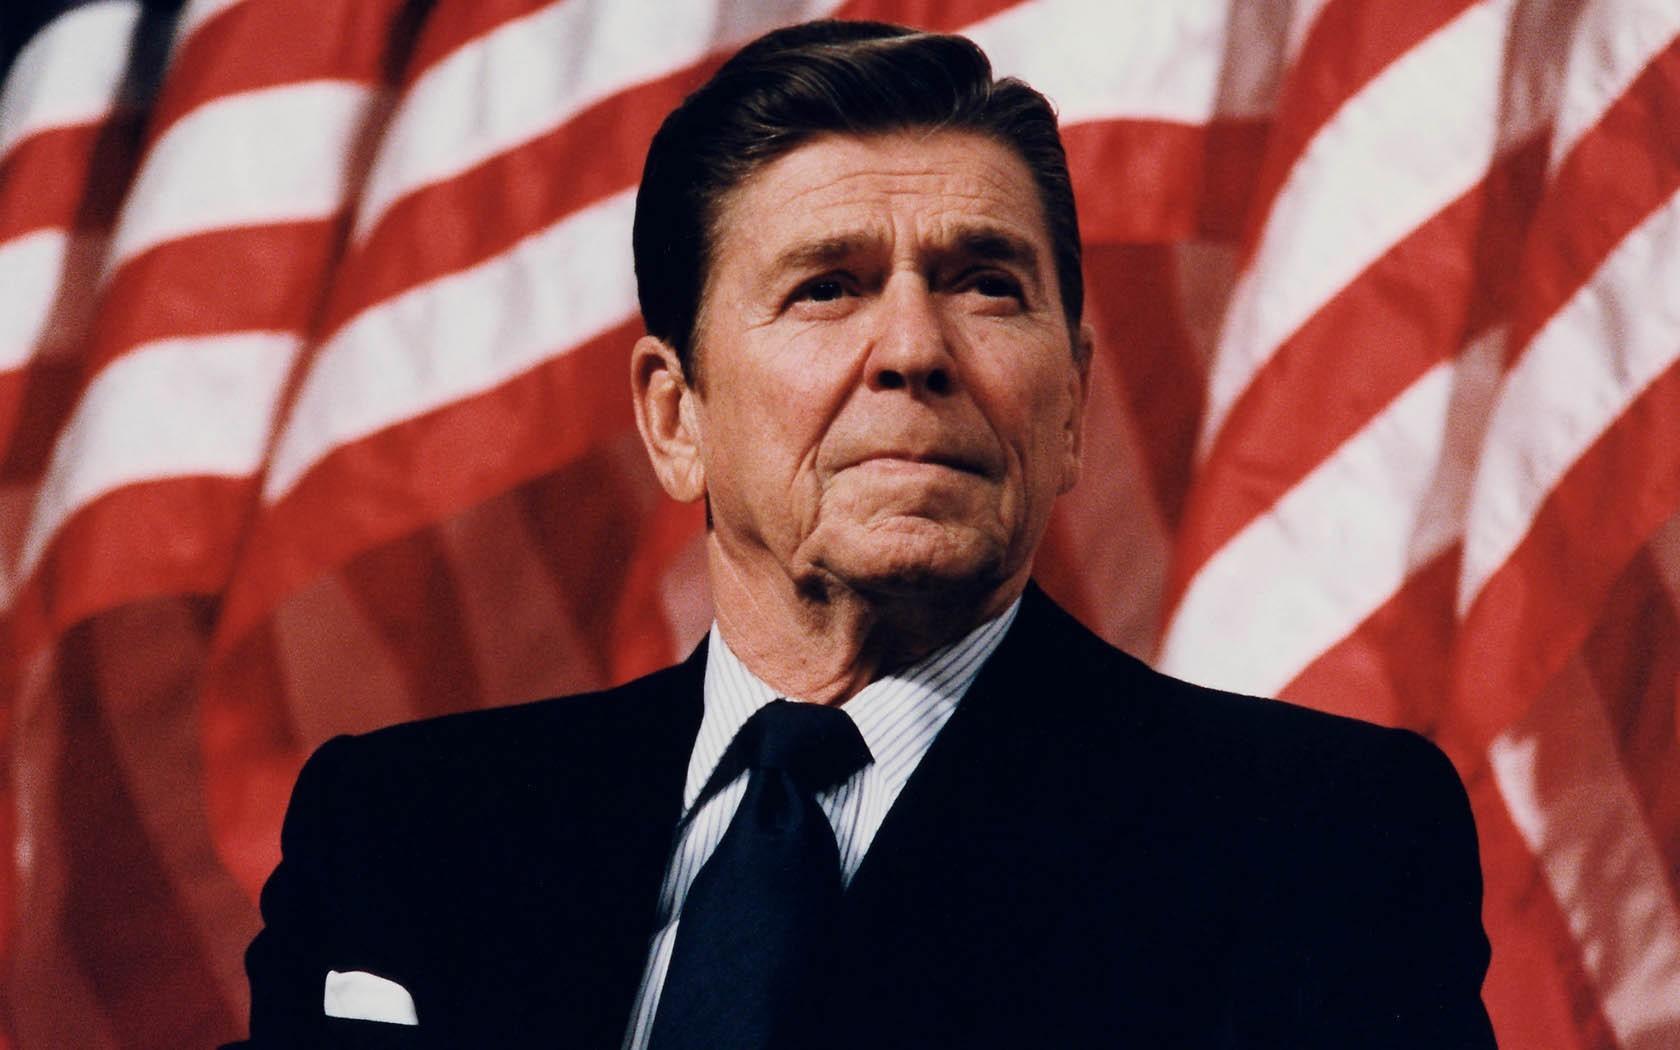 Fondos De Pantalla Actor Presidentes Estados Unidos